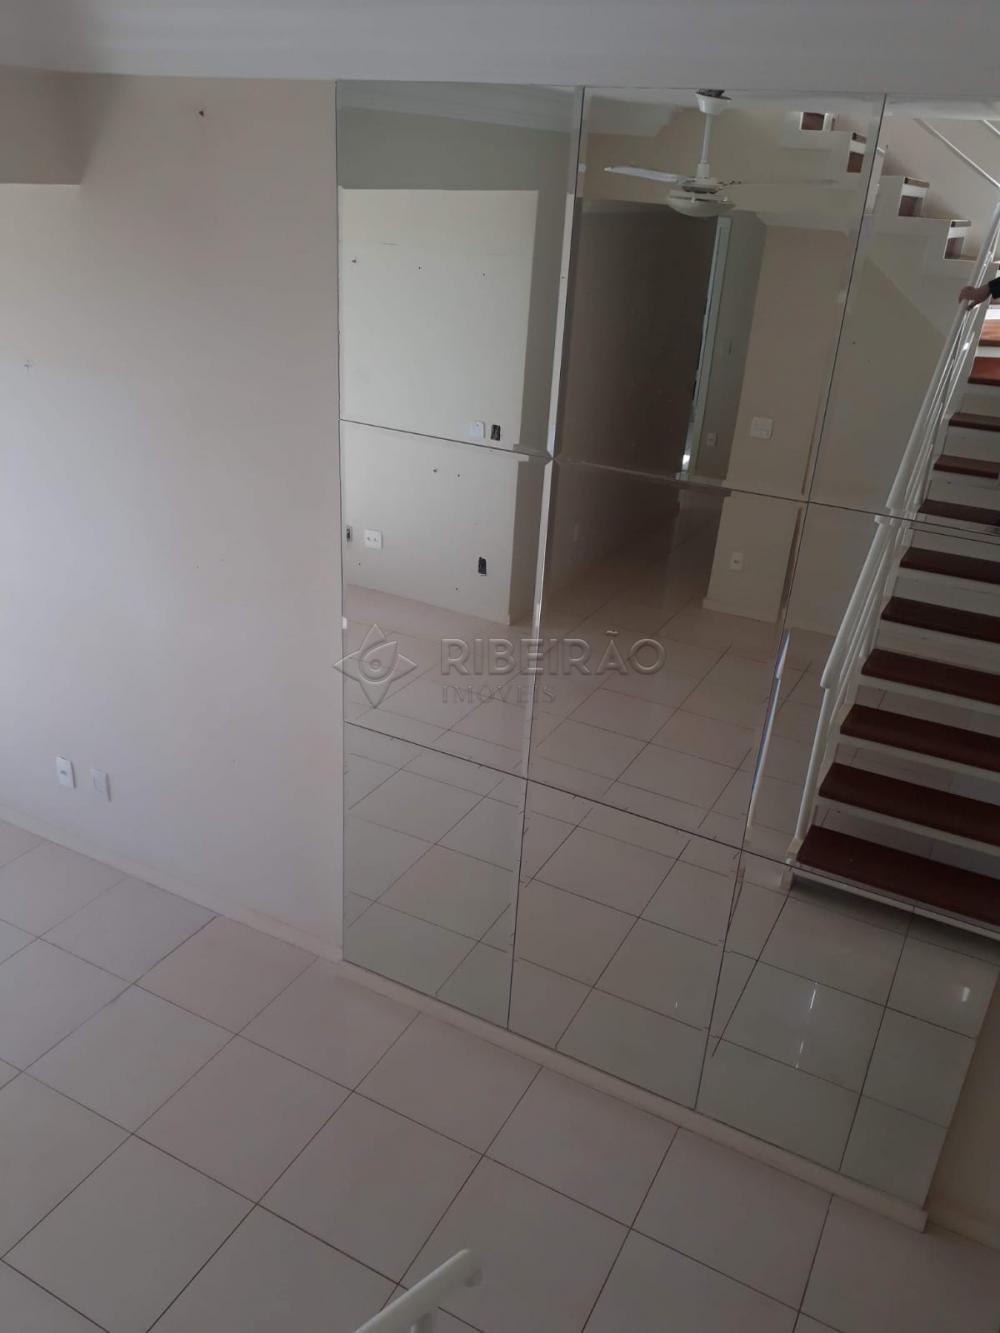 Comprar Apartamento / Padrão em Ribeirão Preto apenas R$ 600.000,00 - Foto 31